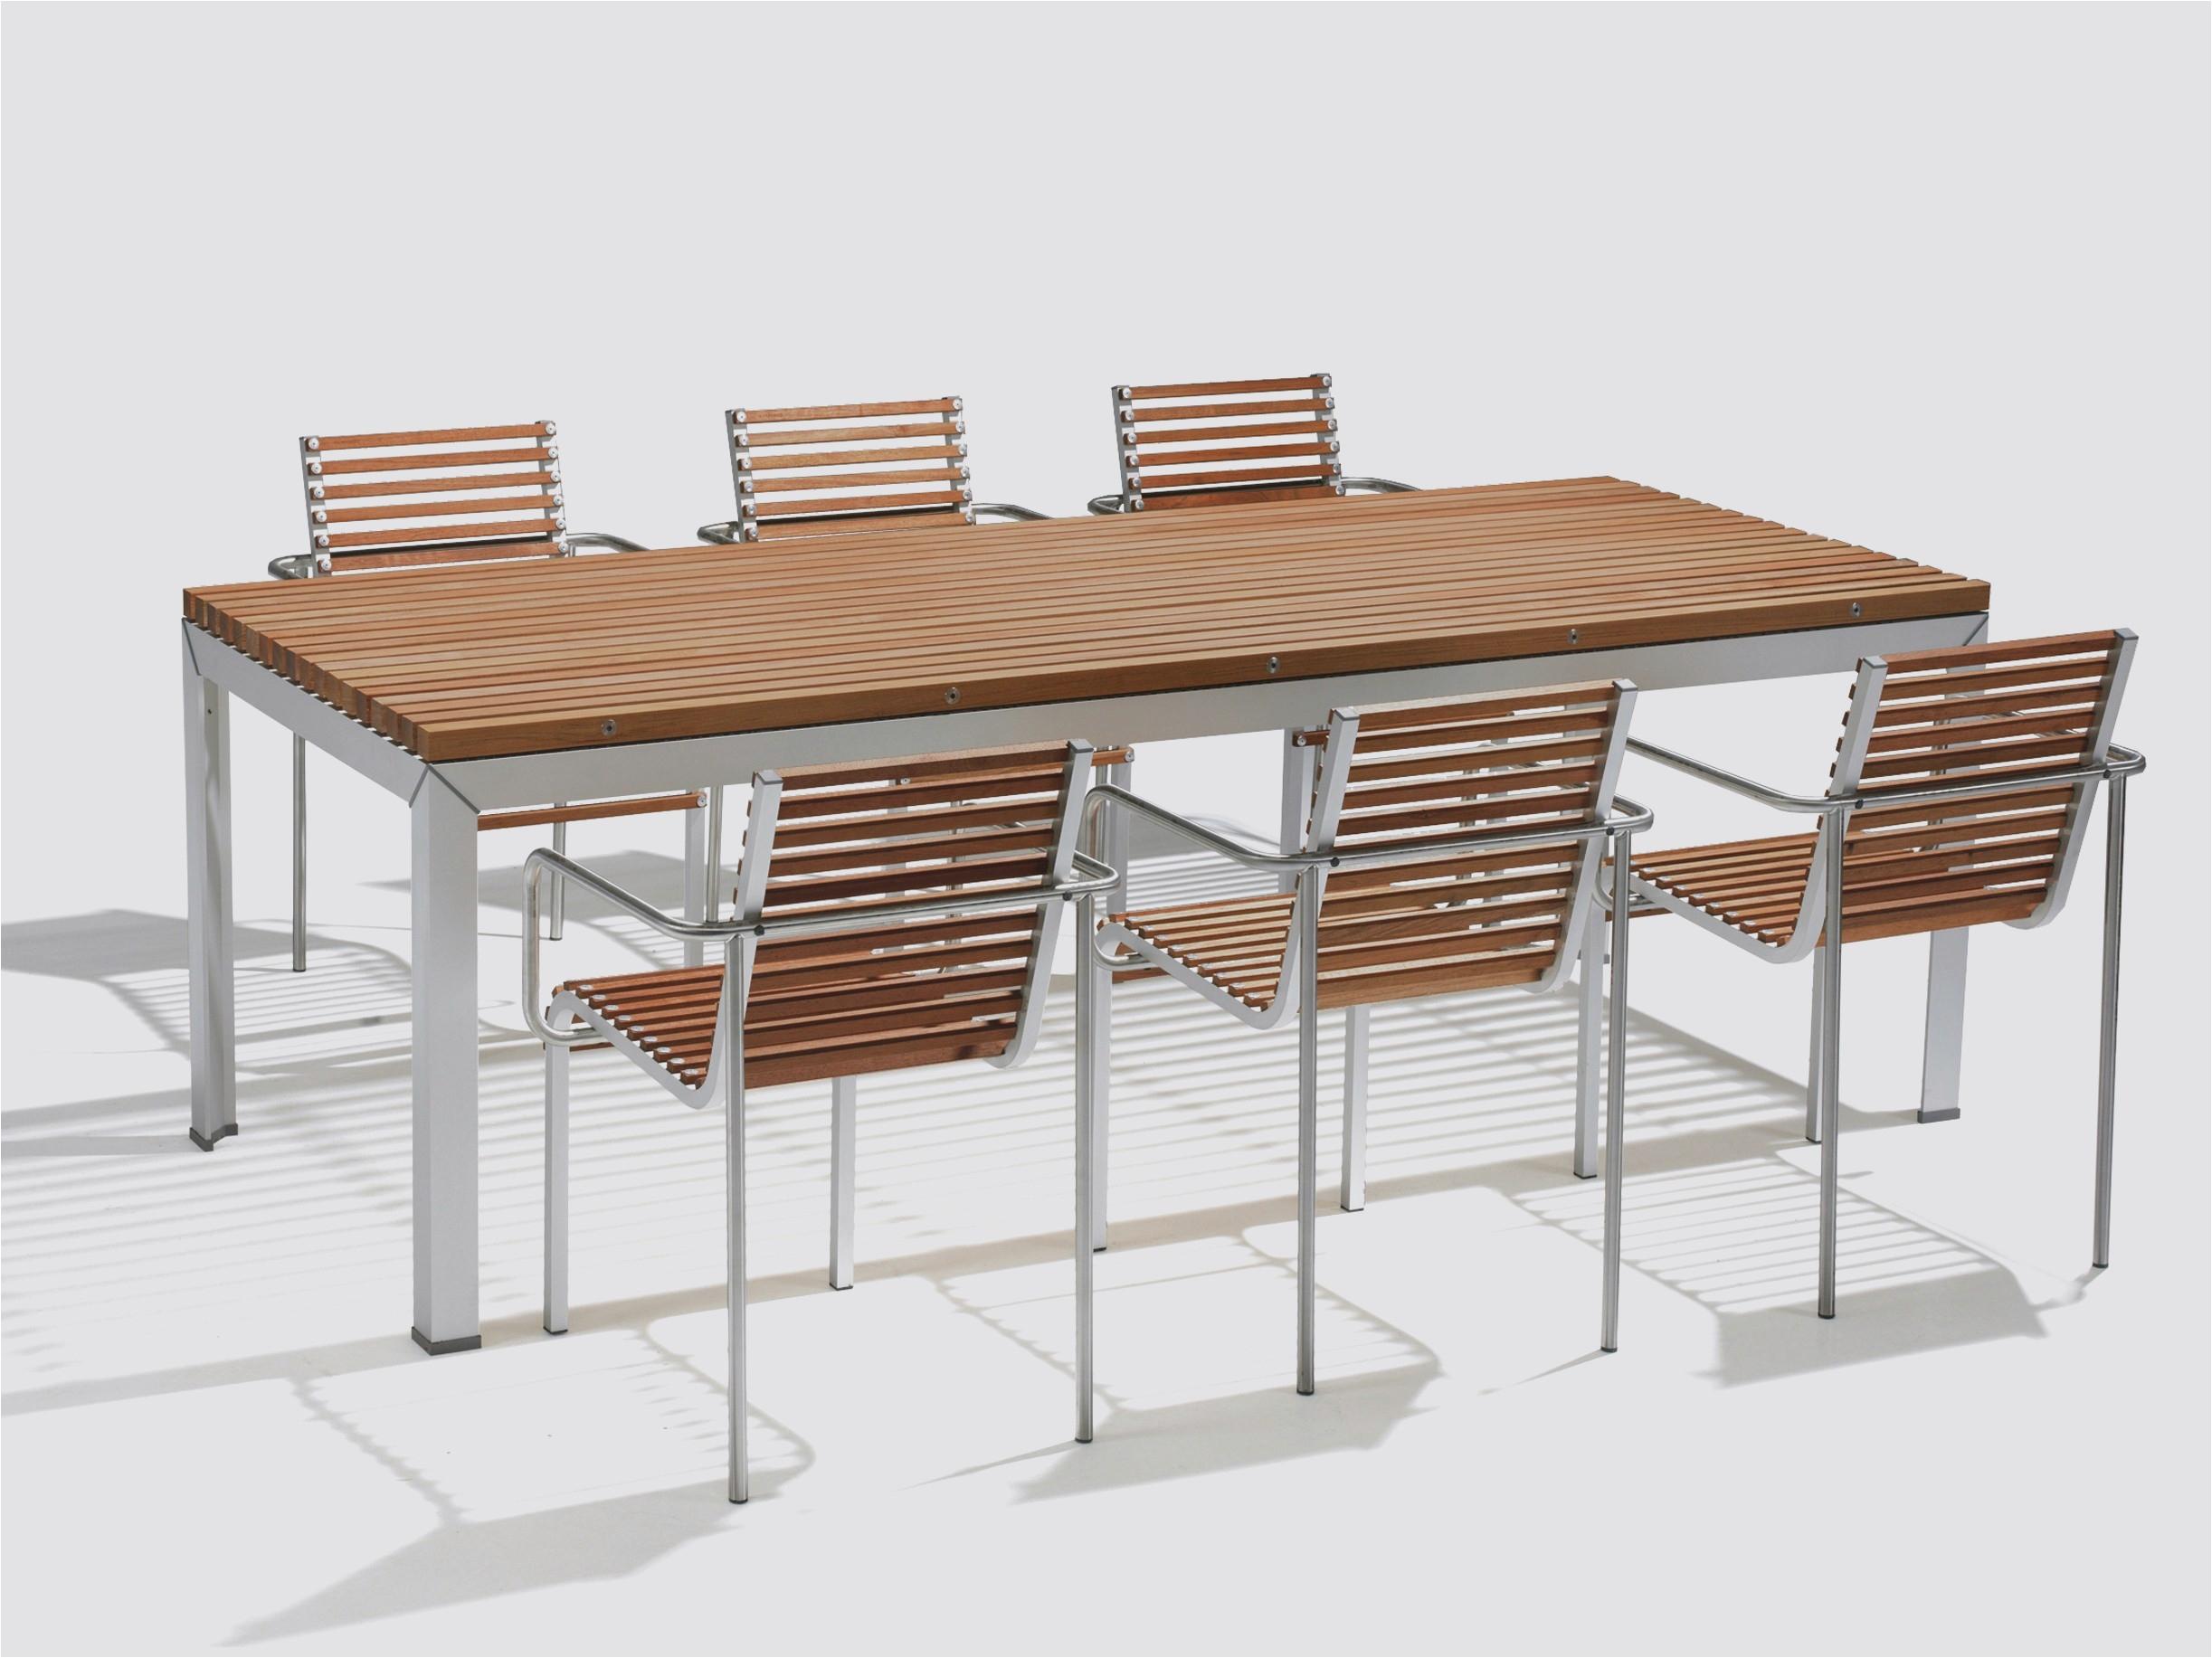 Table De Jardin Intermarche Impressionnant Image Salon De Jardin Intermarché Aussi Splendide Génial Table De Jardin